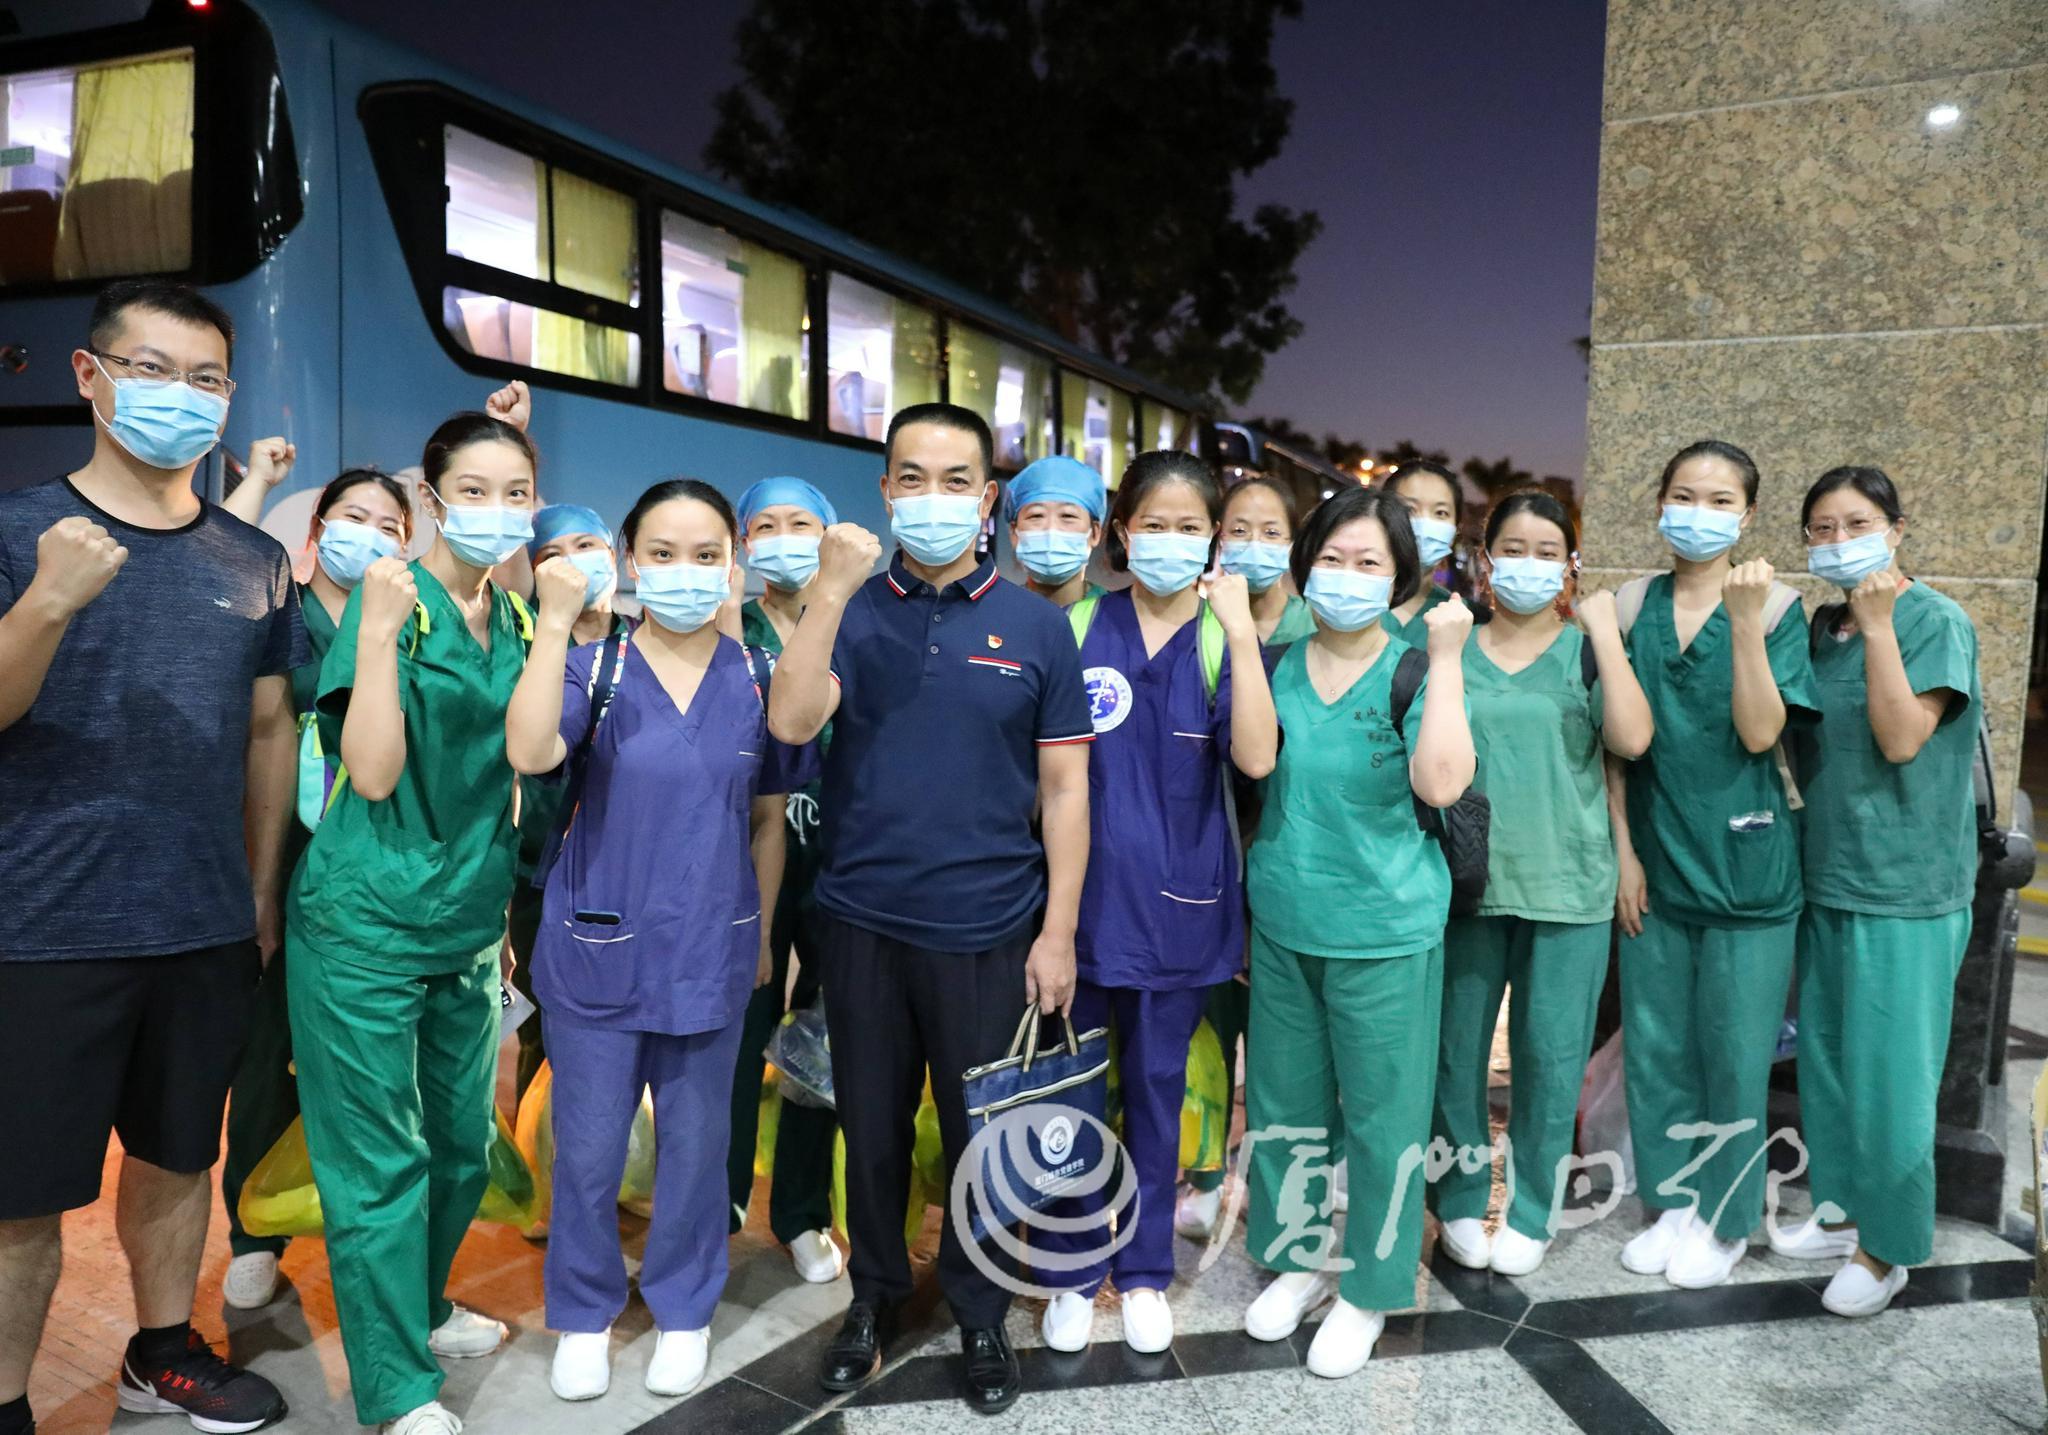 再次集结!1800余名医护人员支援同安新一轮核酸检测工作